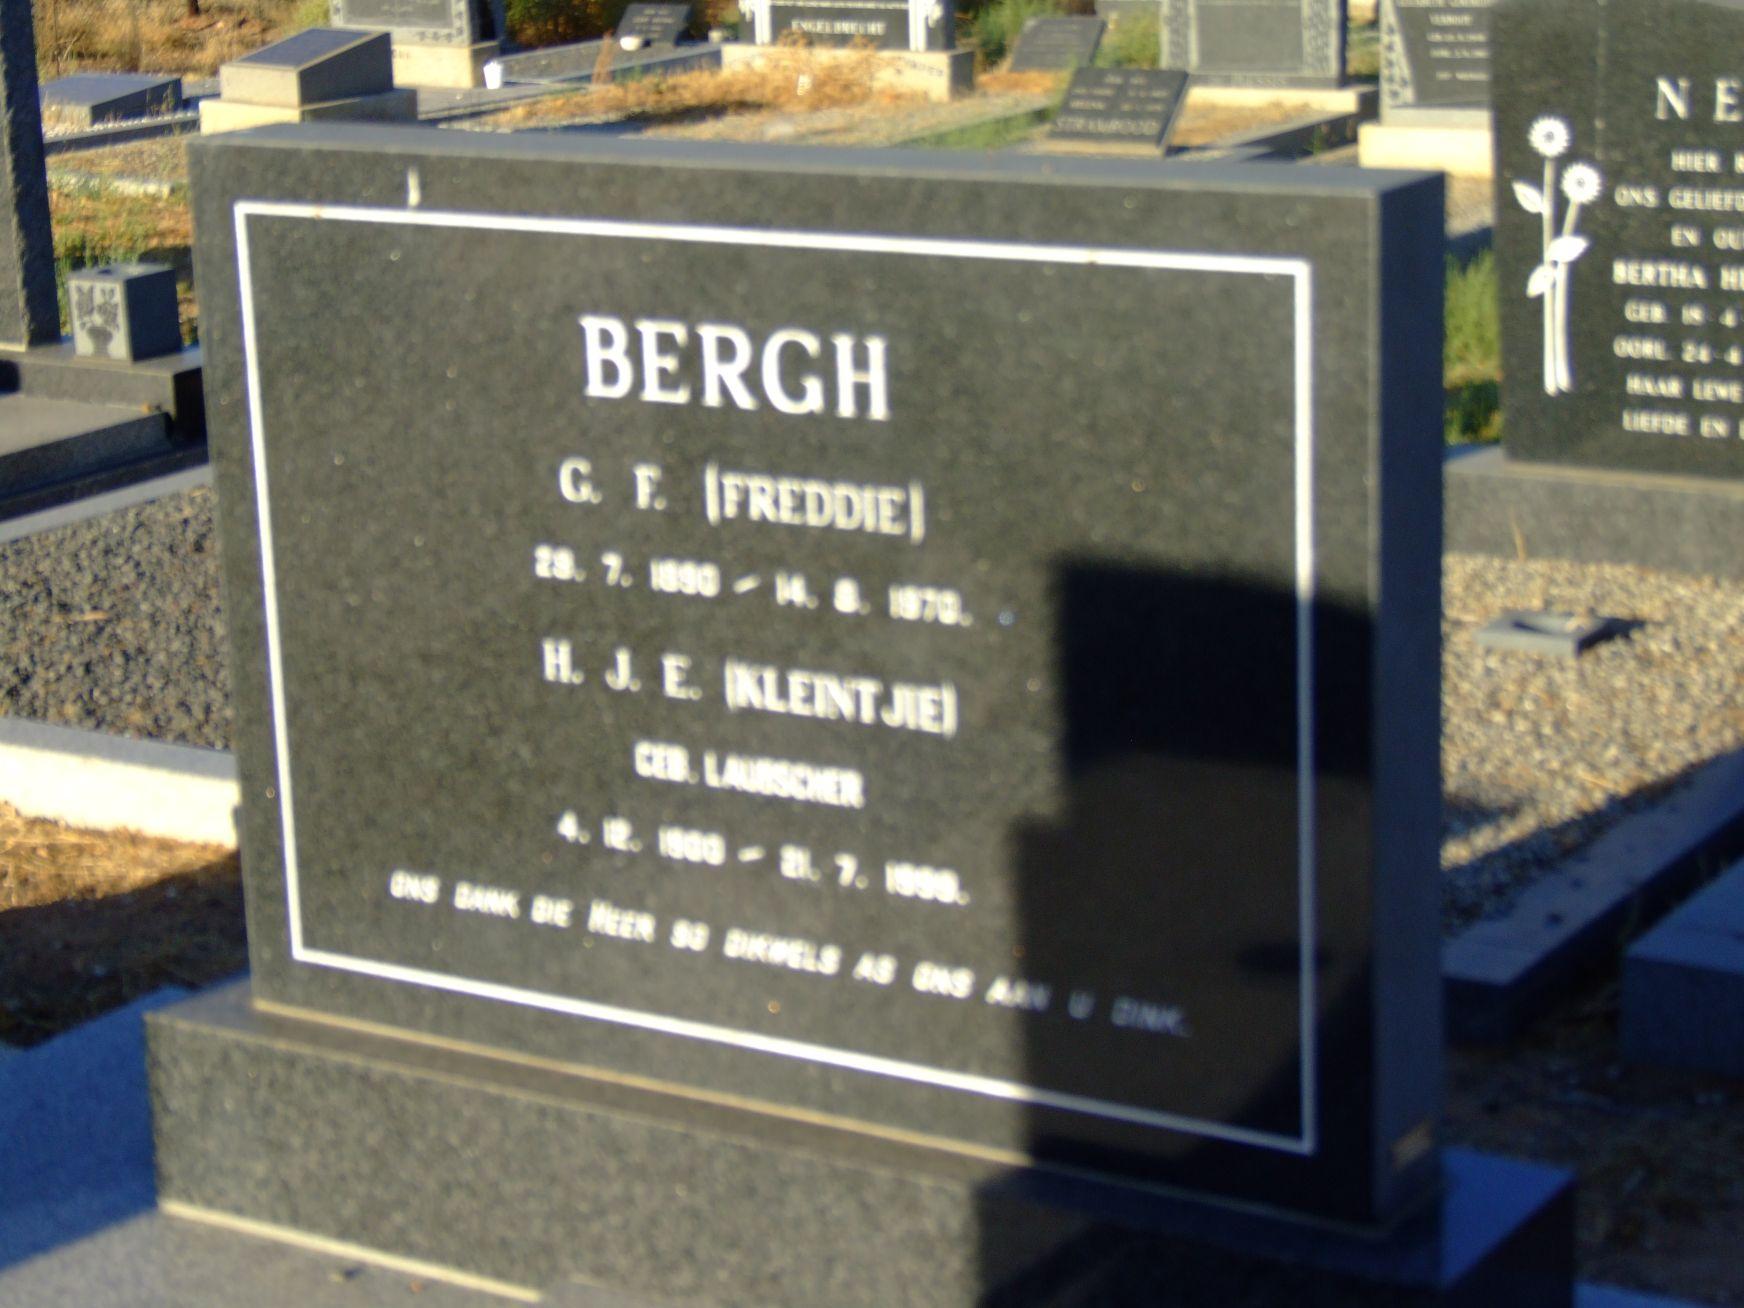 Bergh, C.F. + Bergh, H.J.E. (neè Laubscher)